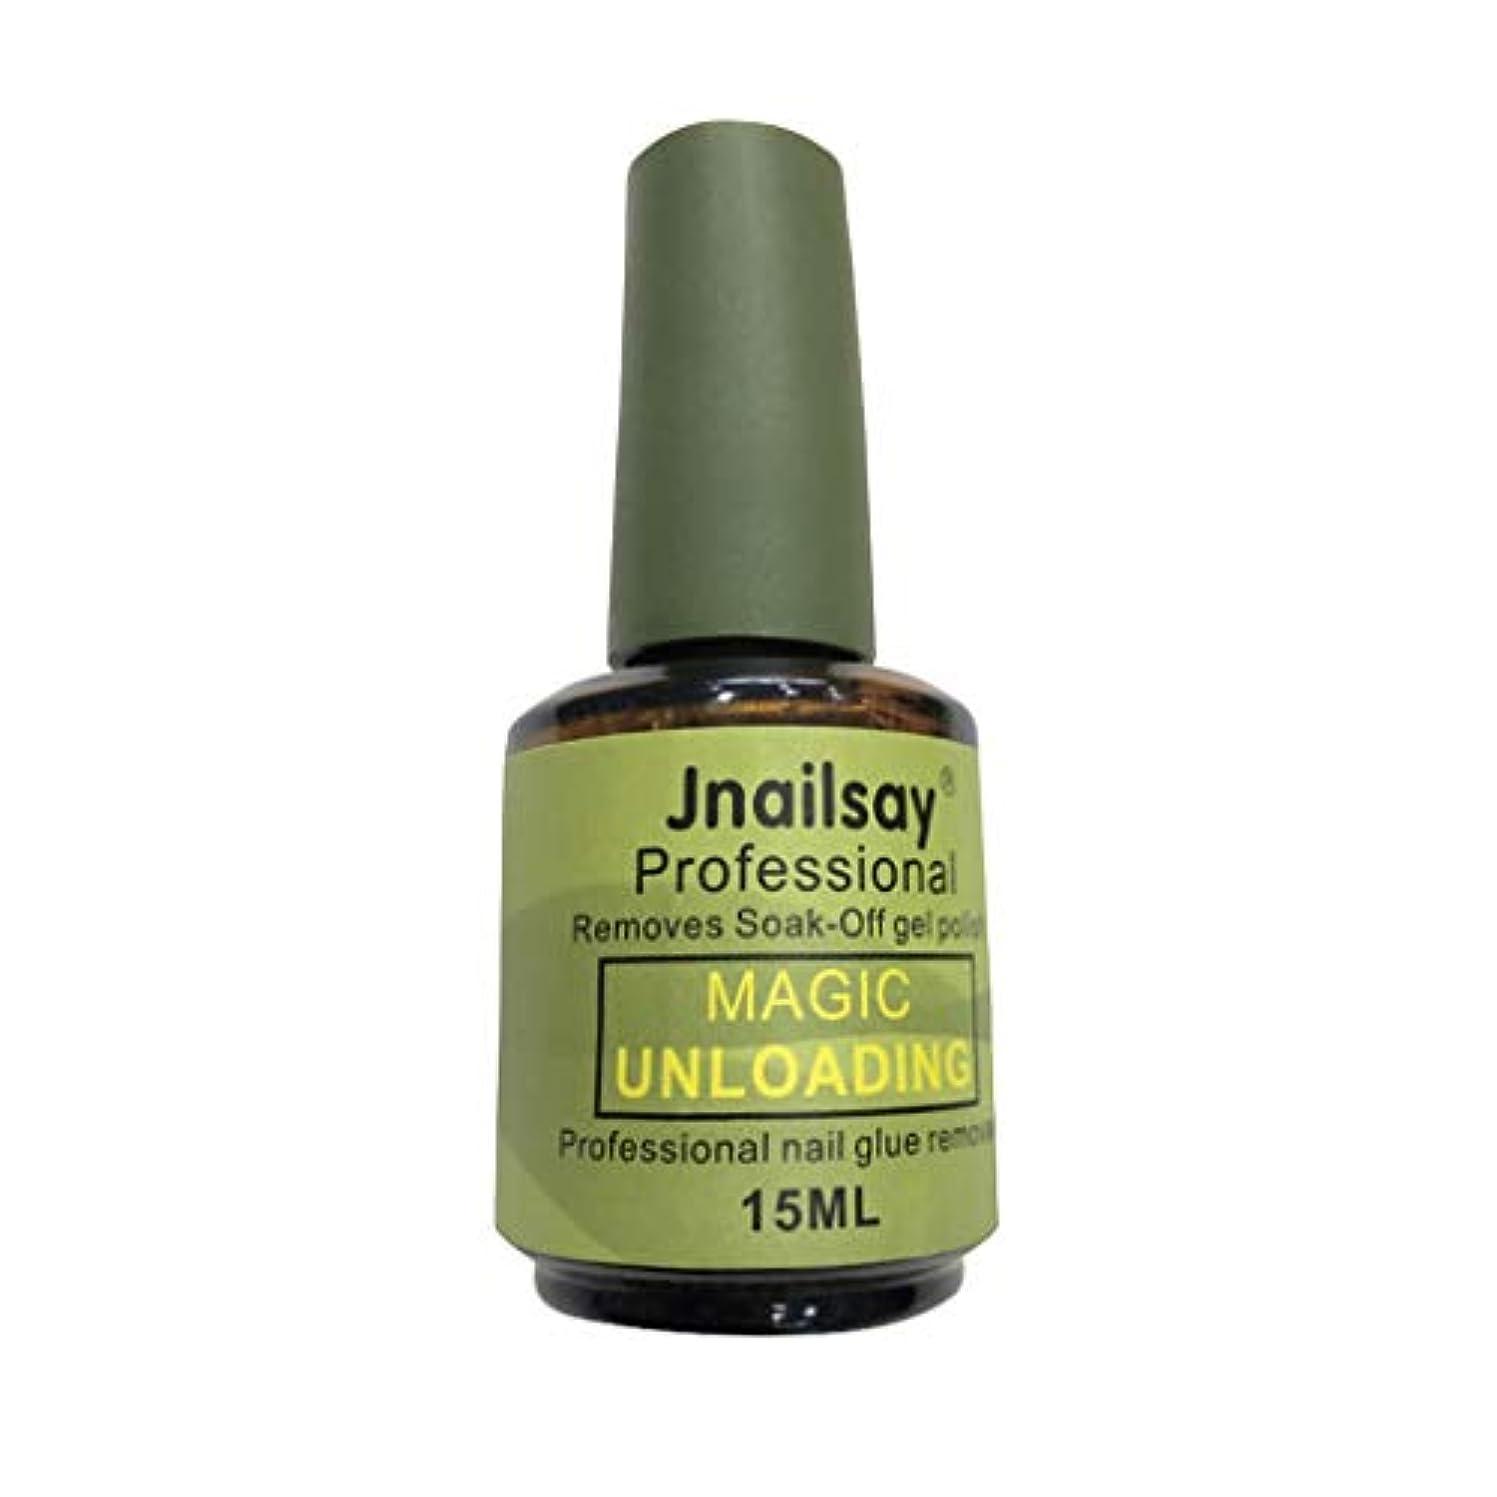 カウント発音木製ネイル用品 Jnailsay 15ml速い破裂の装甲接着剤1分の荷を下す操作は釘を傷つけないで簡単で便利です (多色)